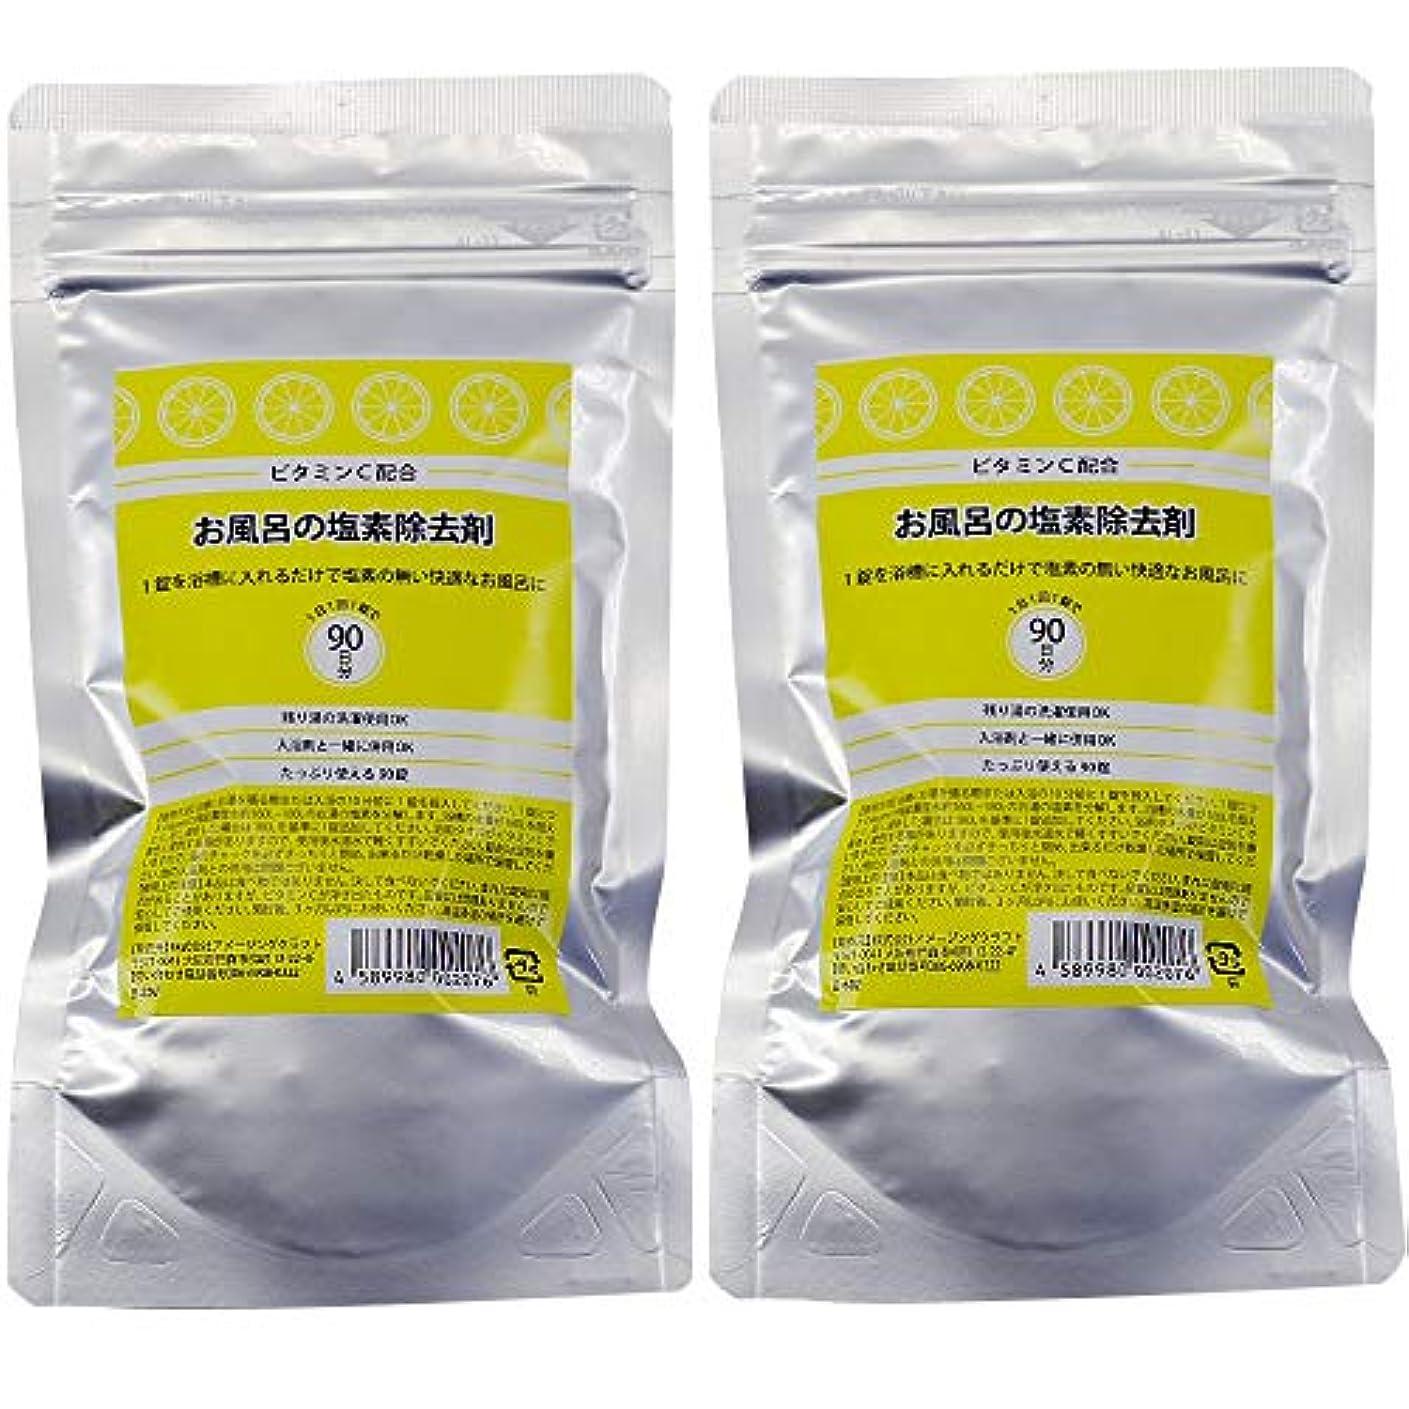 アルカトラズ島贅沢脅かす日本製 ビタミンC配合 お風呂の塩素除去剤 錠剤タイプ 90錠 2個セット 浴槽用脱塩素剤